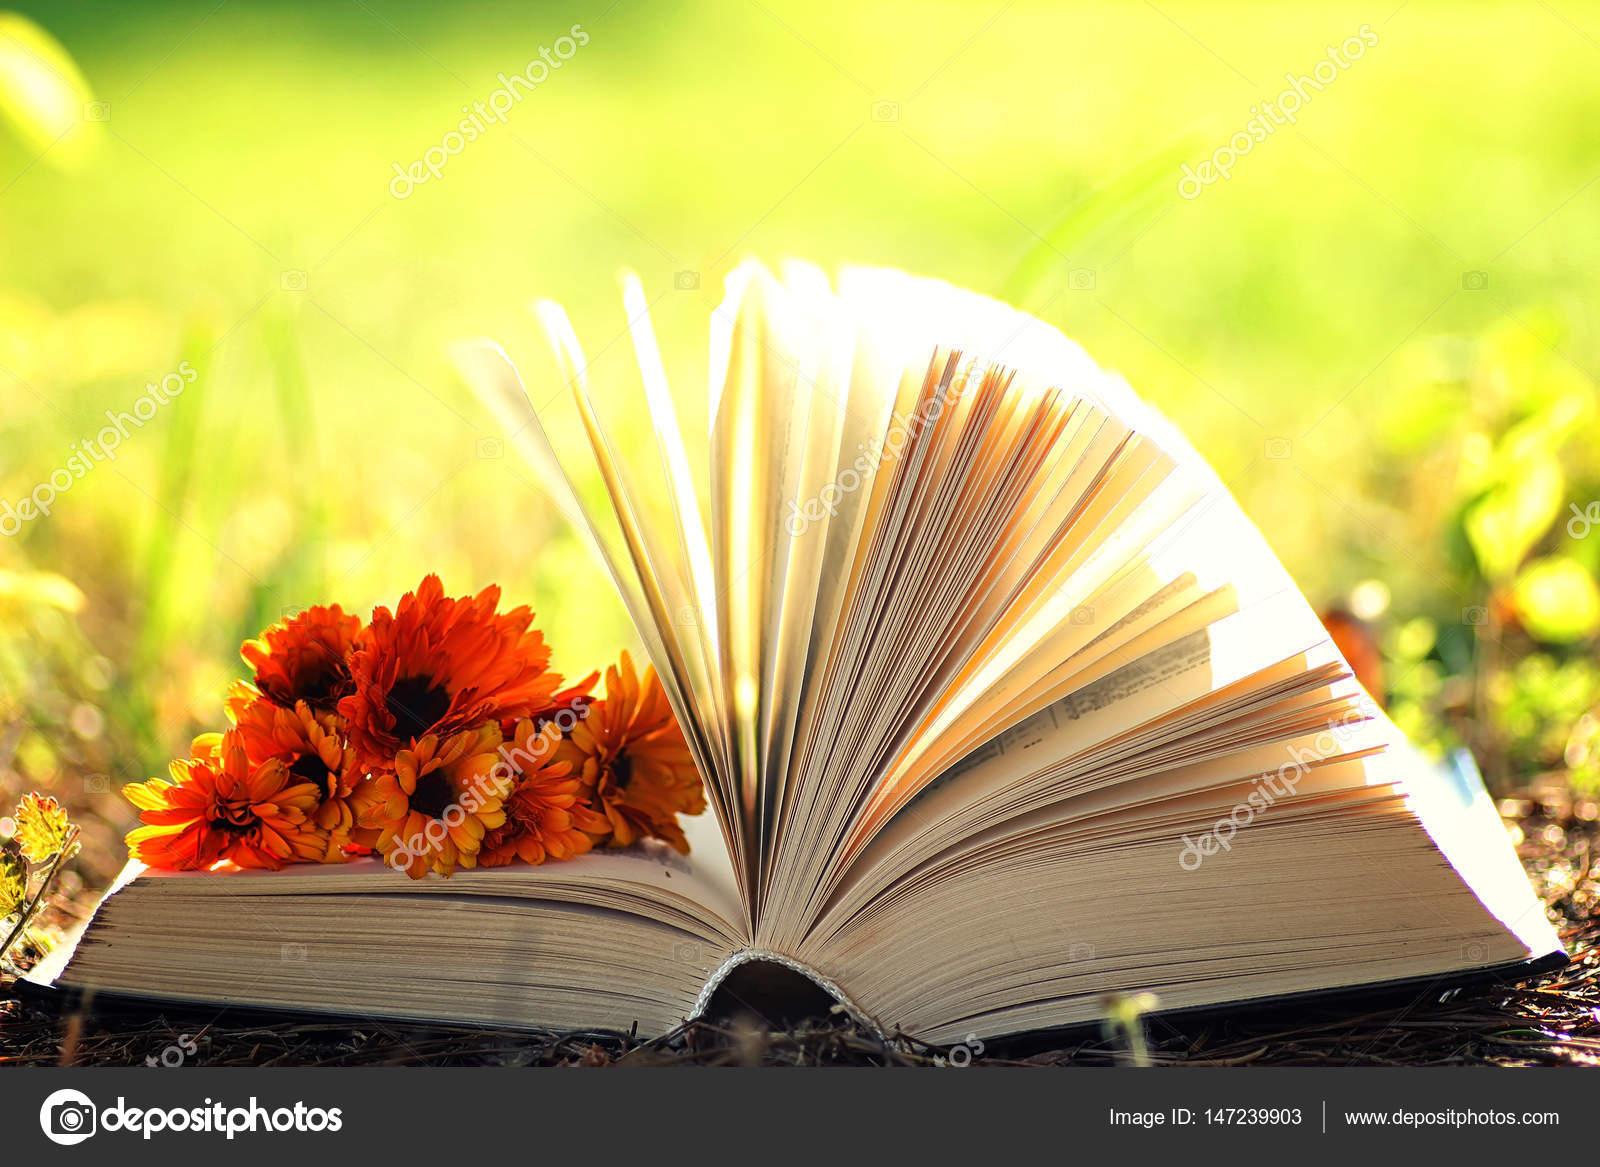 Hơn 3.000 bài thơ tình Phạm Bá Chiểu - Page 20 Depositphotos_147239903-stock-photo-open-book-with-flower-on